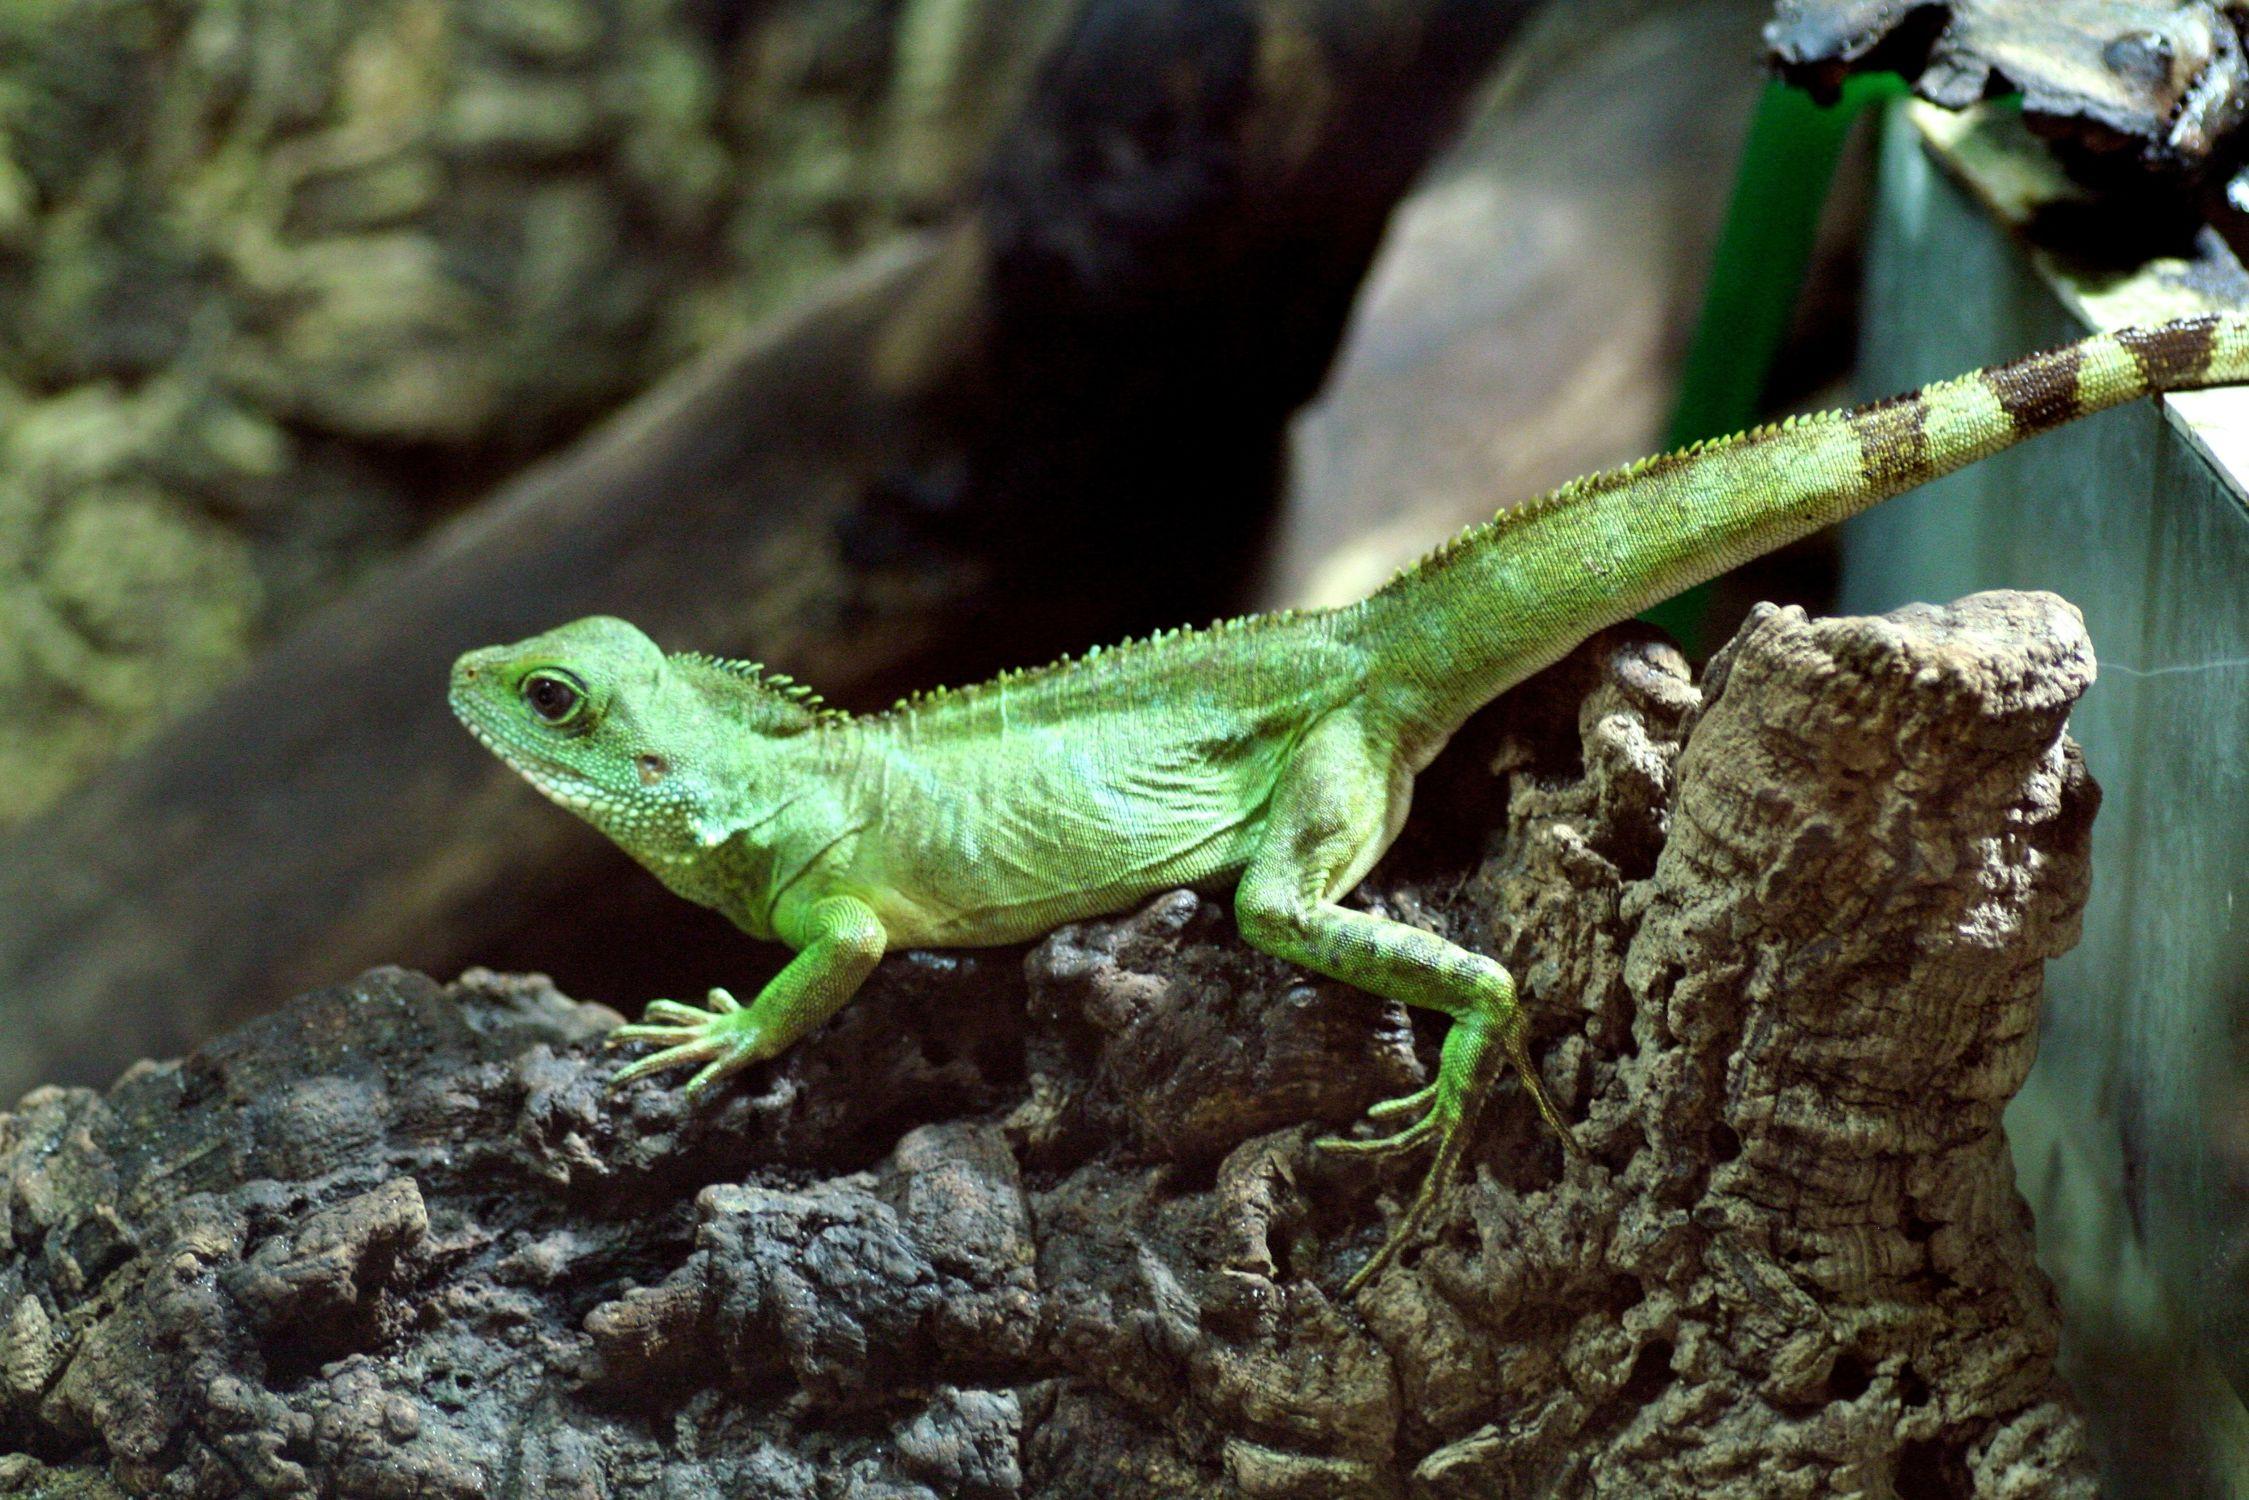 Bild mit Farben, Tiere, Grün, Reptilien, Eidechsen, Leguane, Chamäleons, Tier